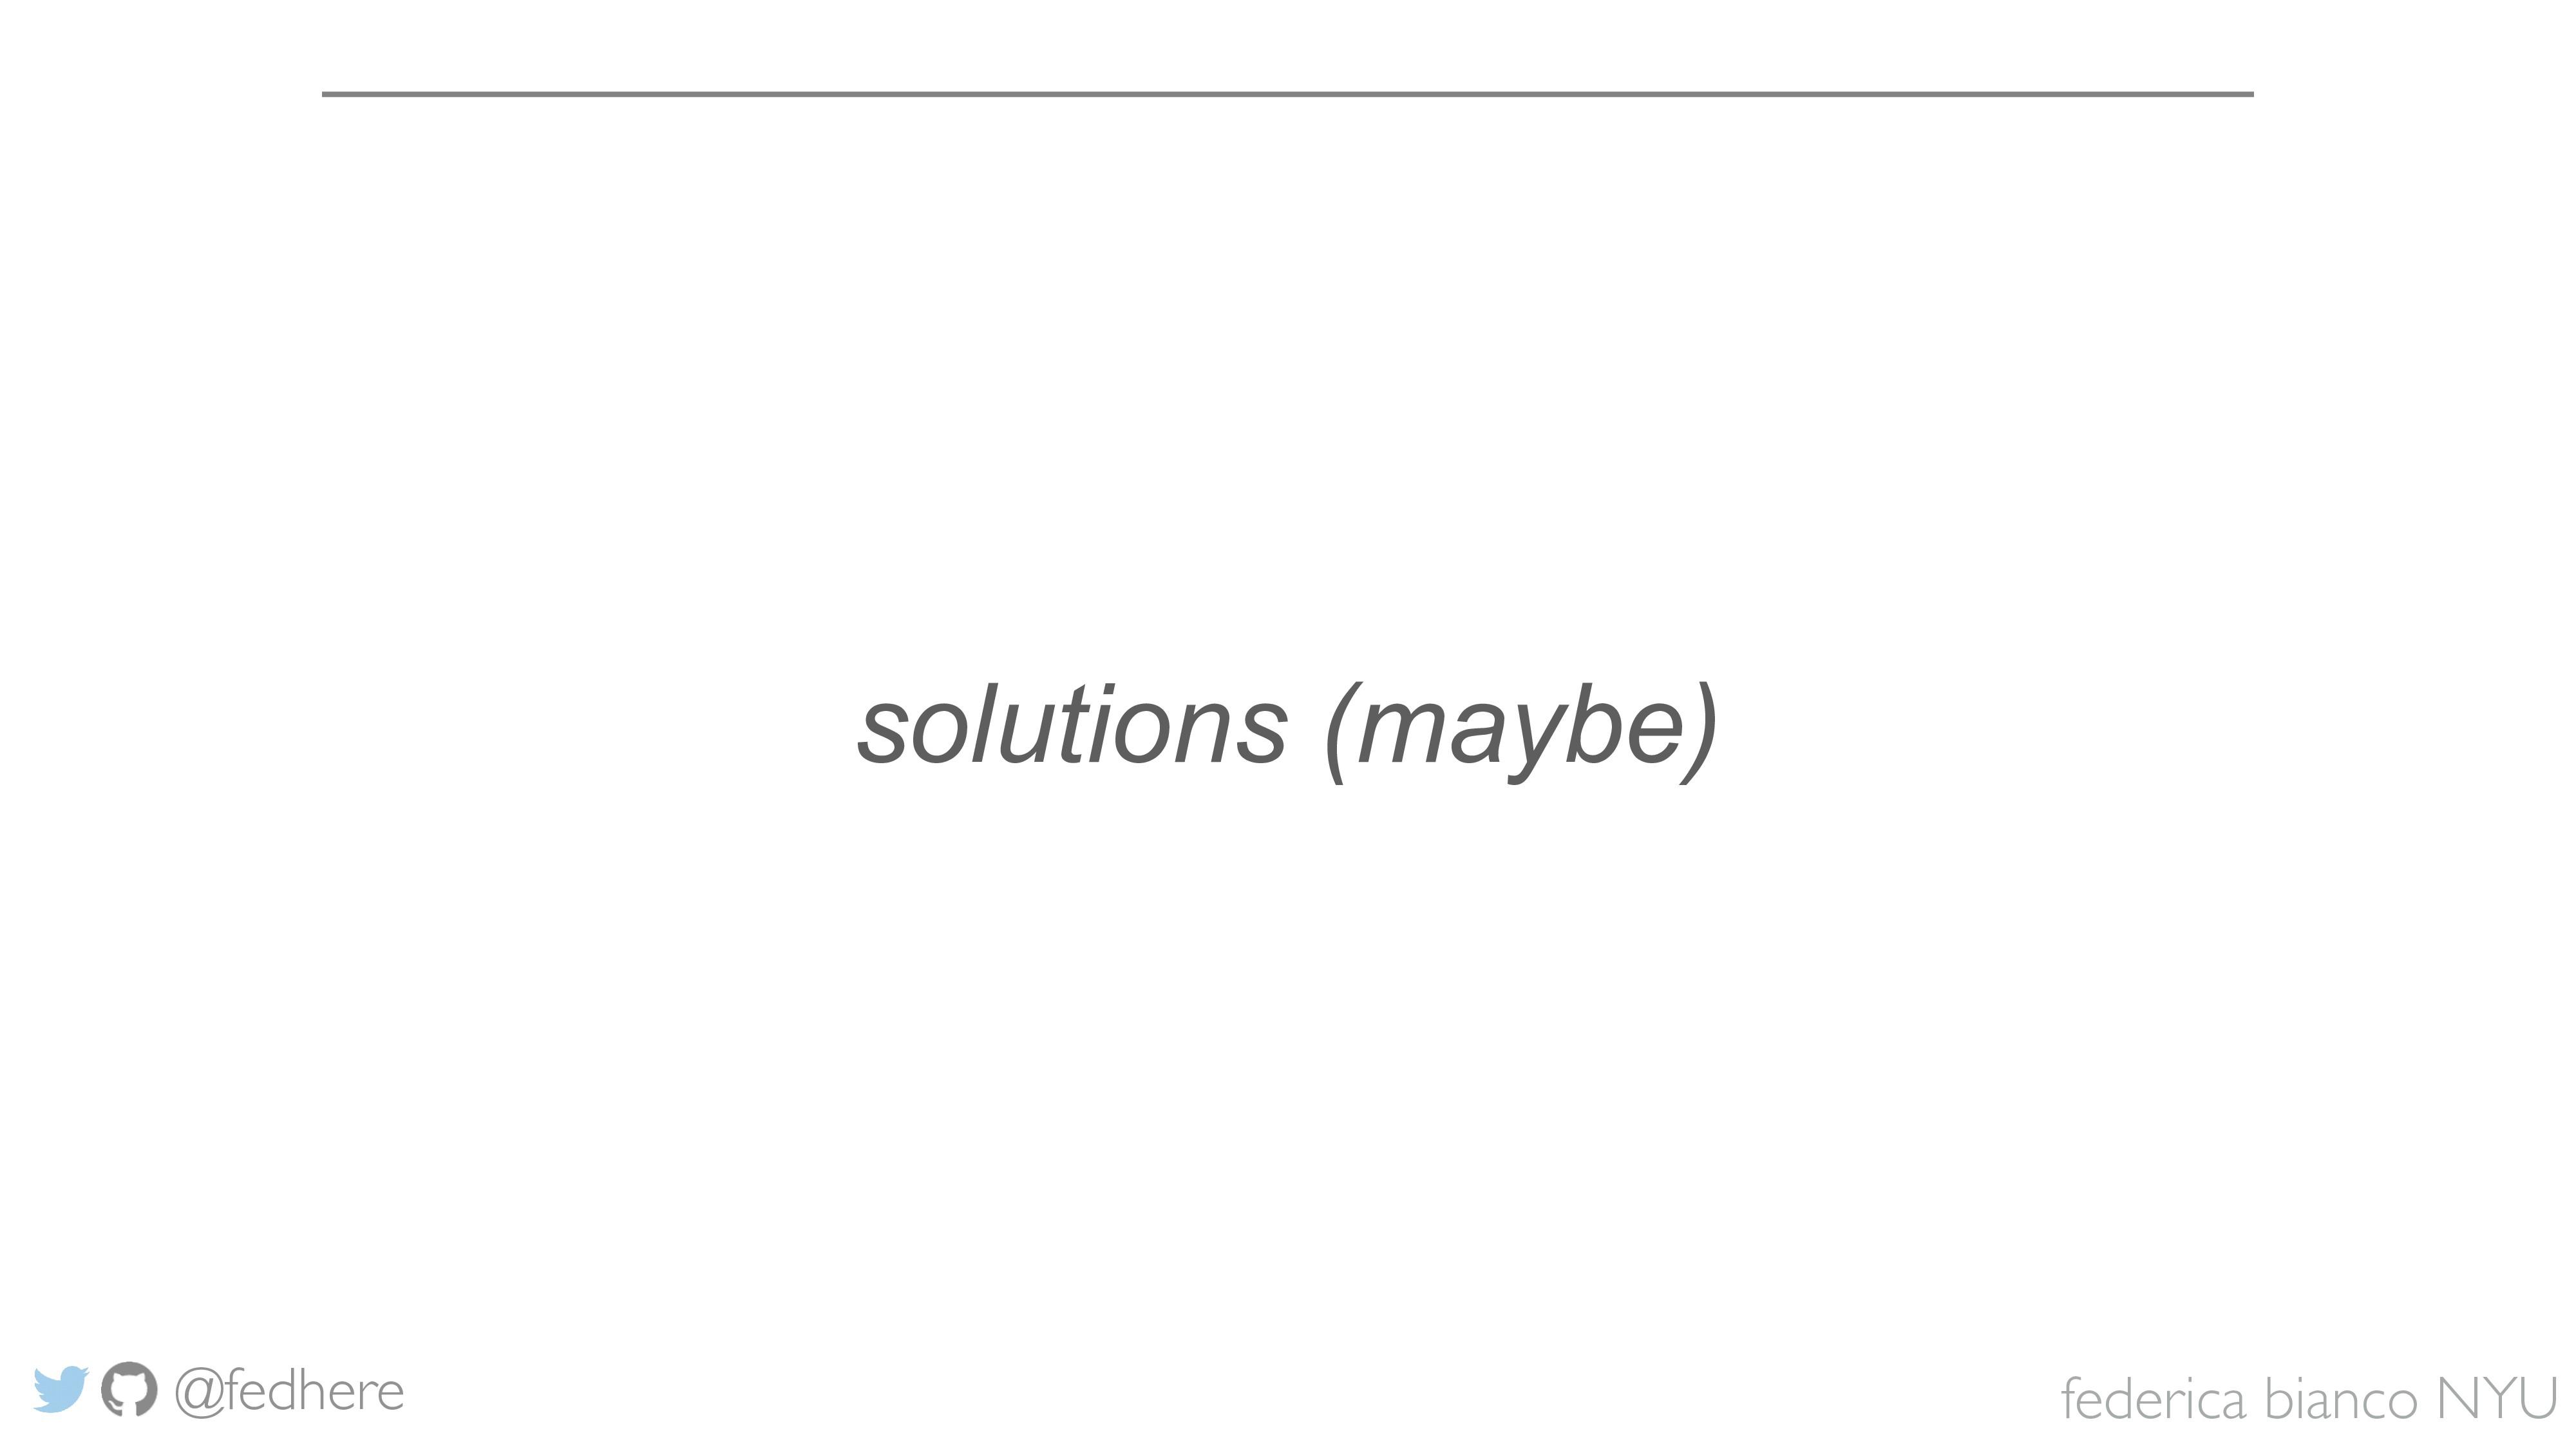 federica bianco NYU @fedhere solutions (maybe)